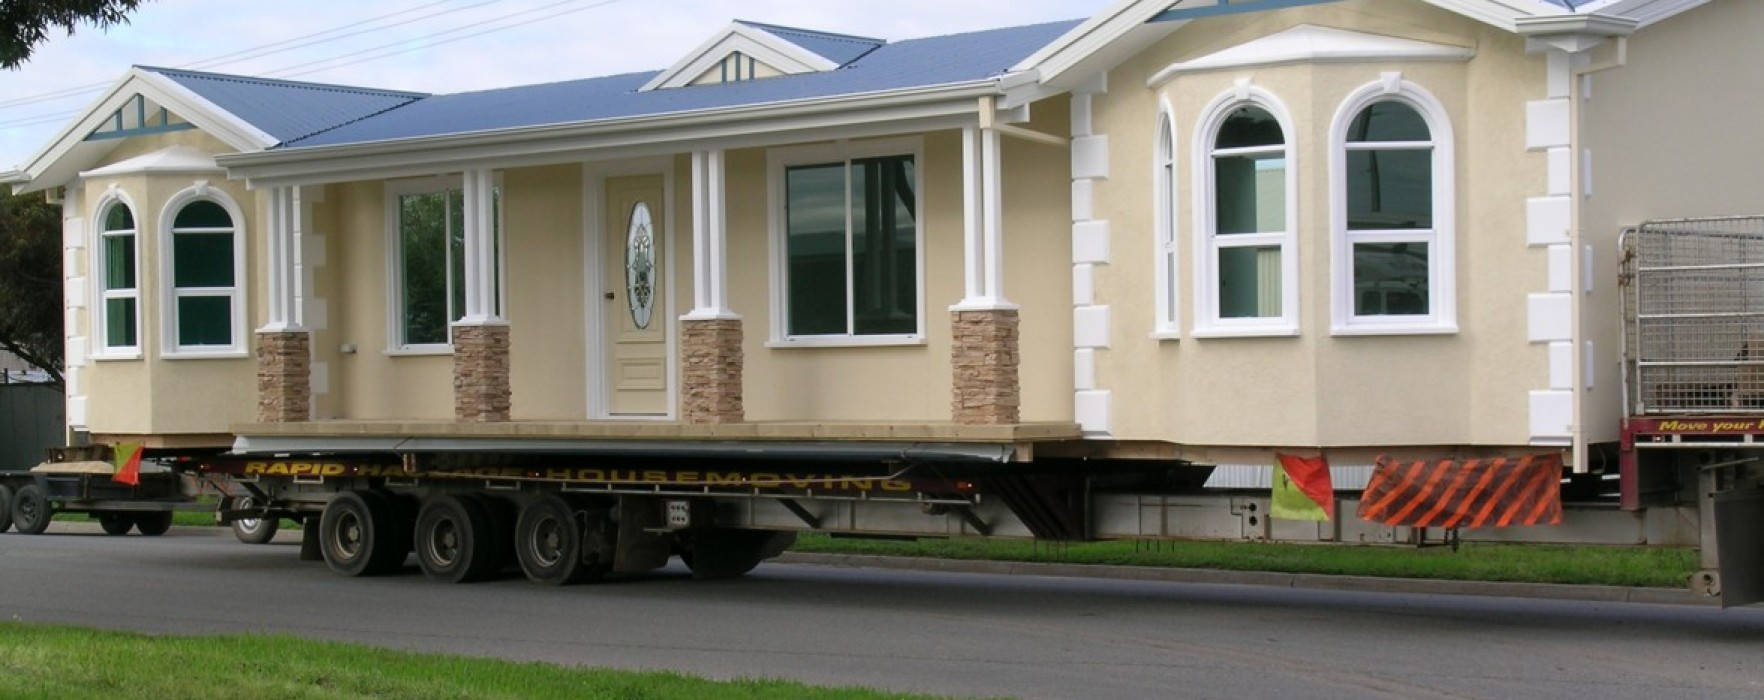 Case prefabbricate in legno senza ruote for Case in legno senza fondamenta